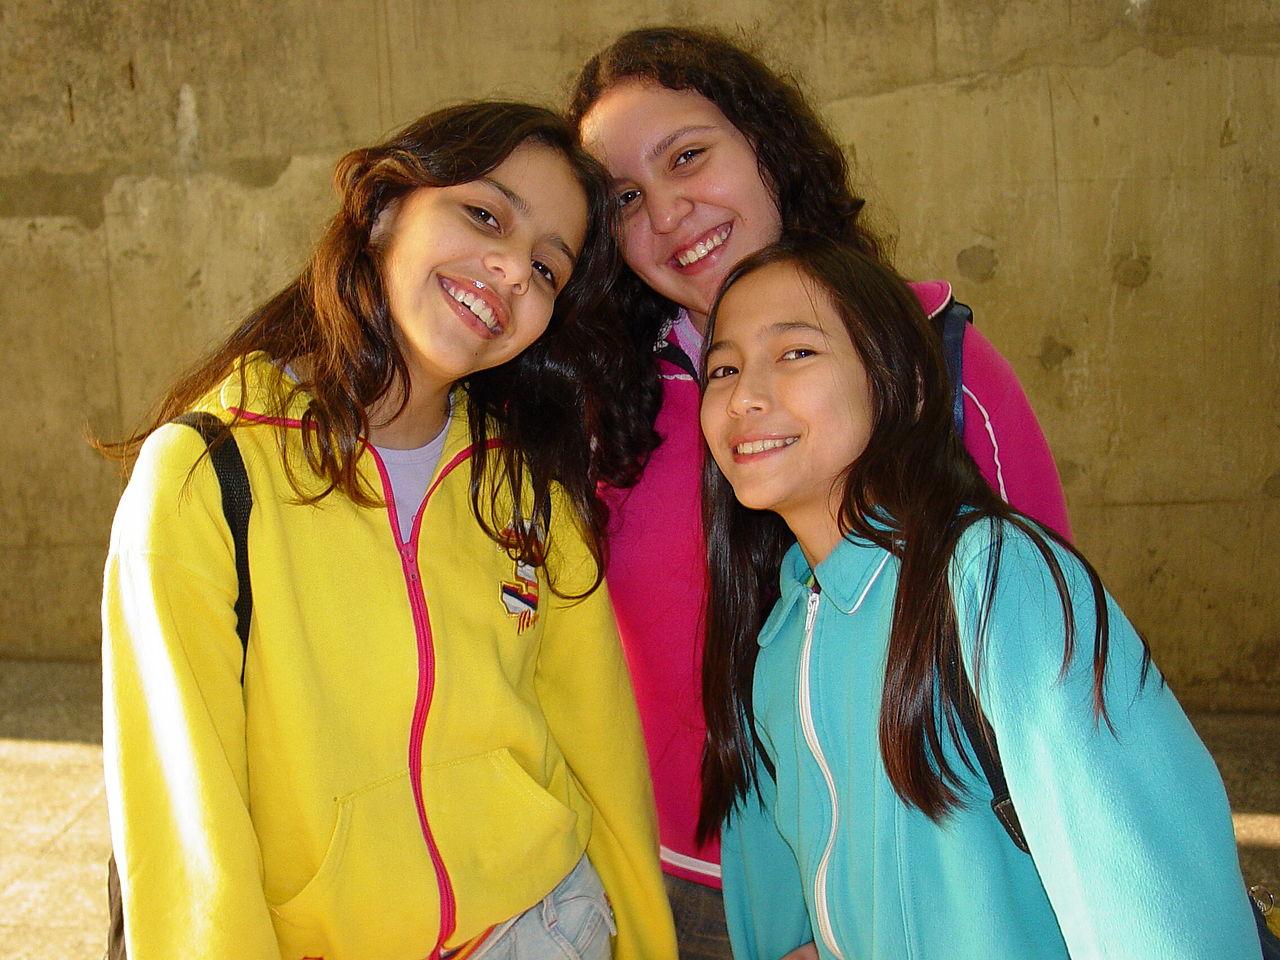 صورة بنات البرازيل , اجمل جميلات بنات البرازيل قمه فى الروعه